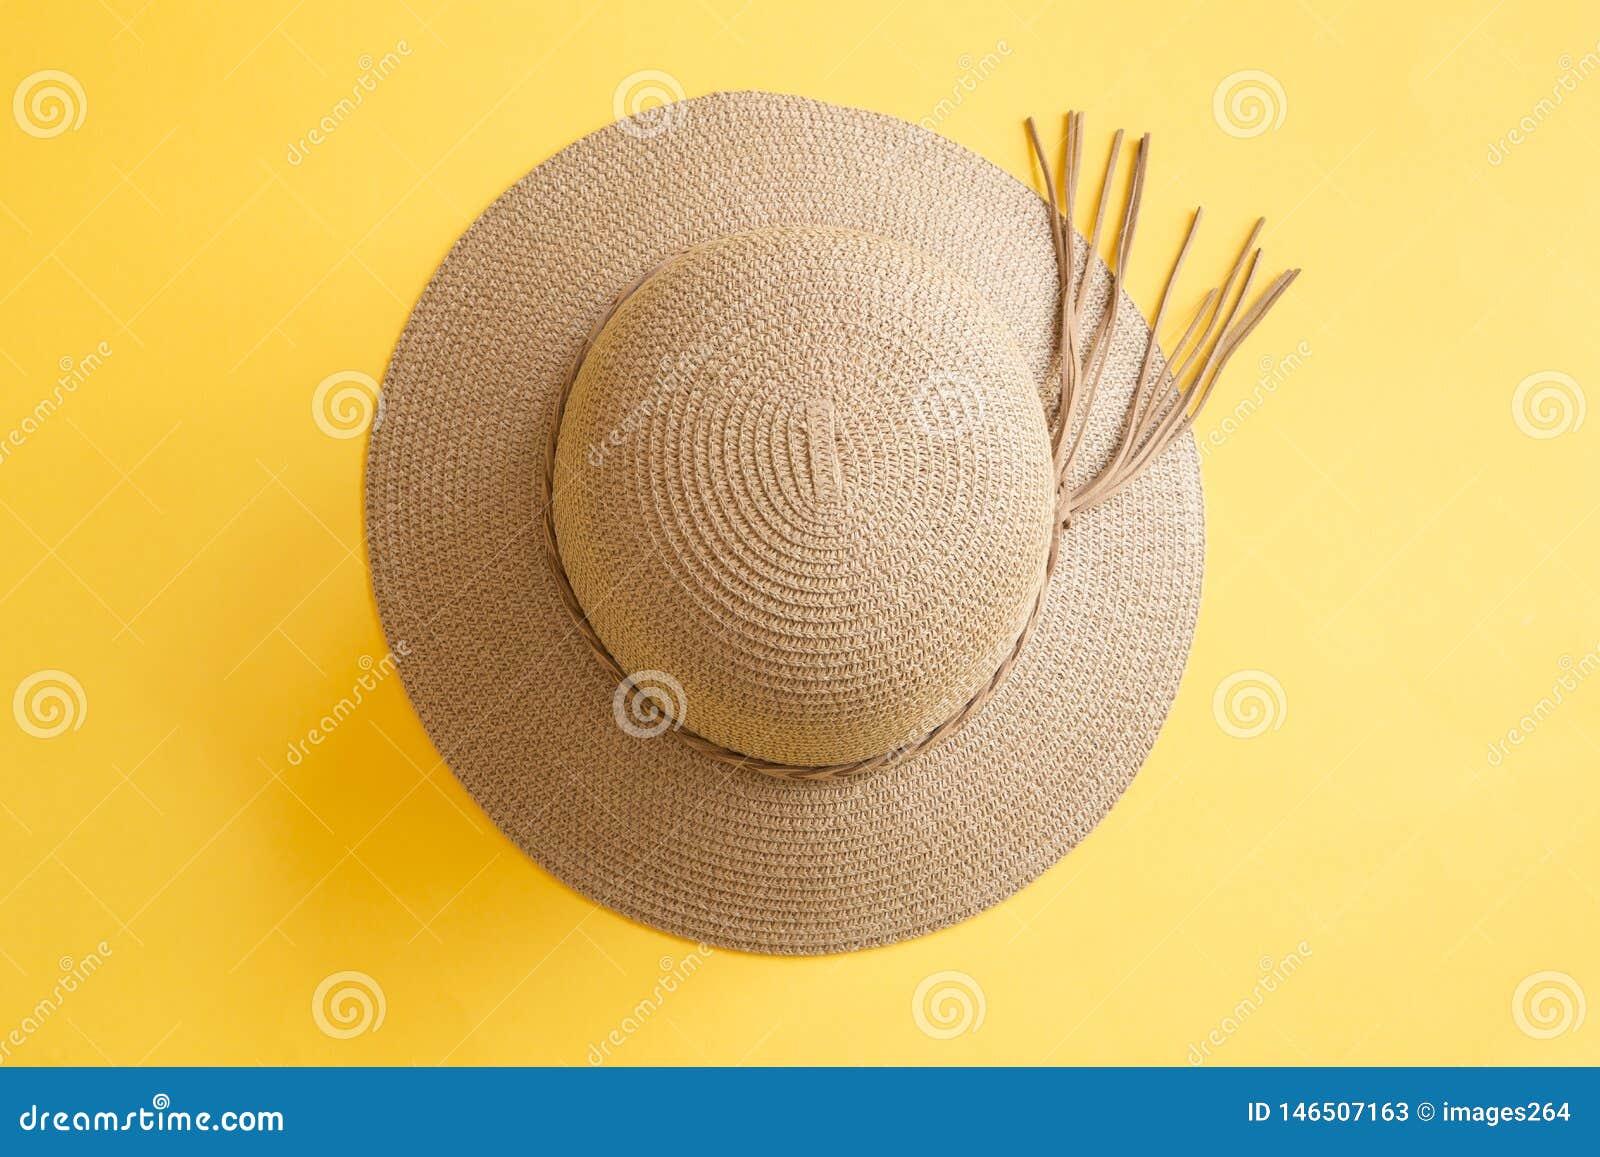 Kobieta kapelusz na żółtym tle